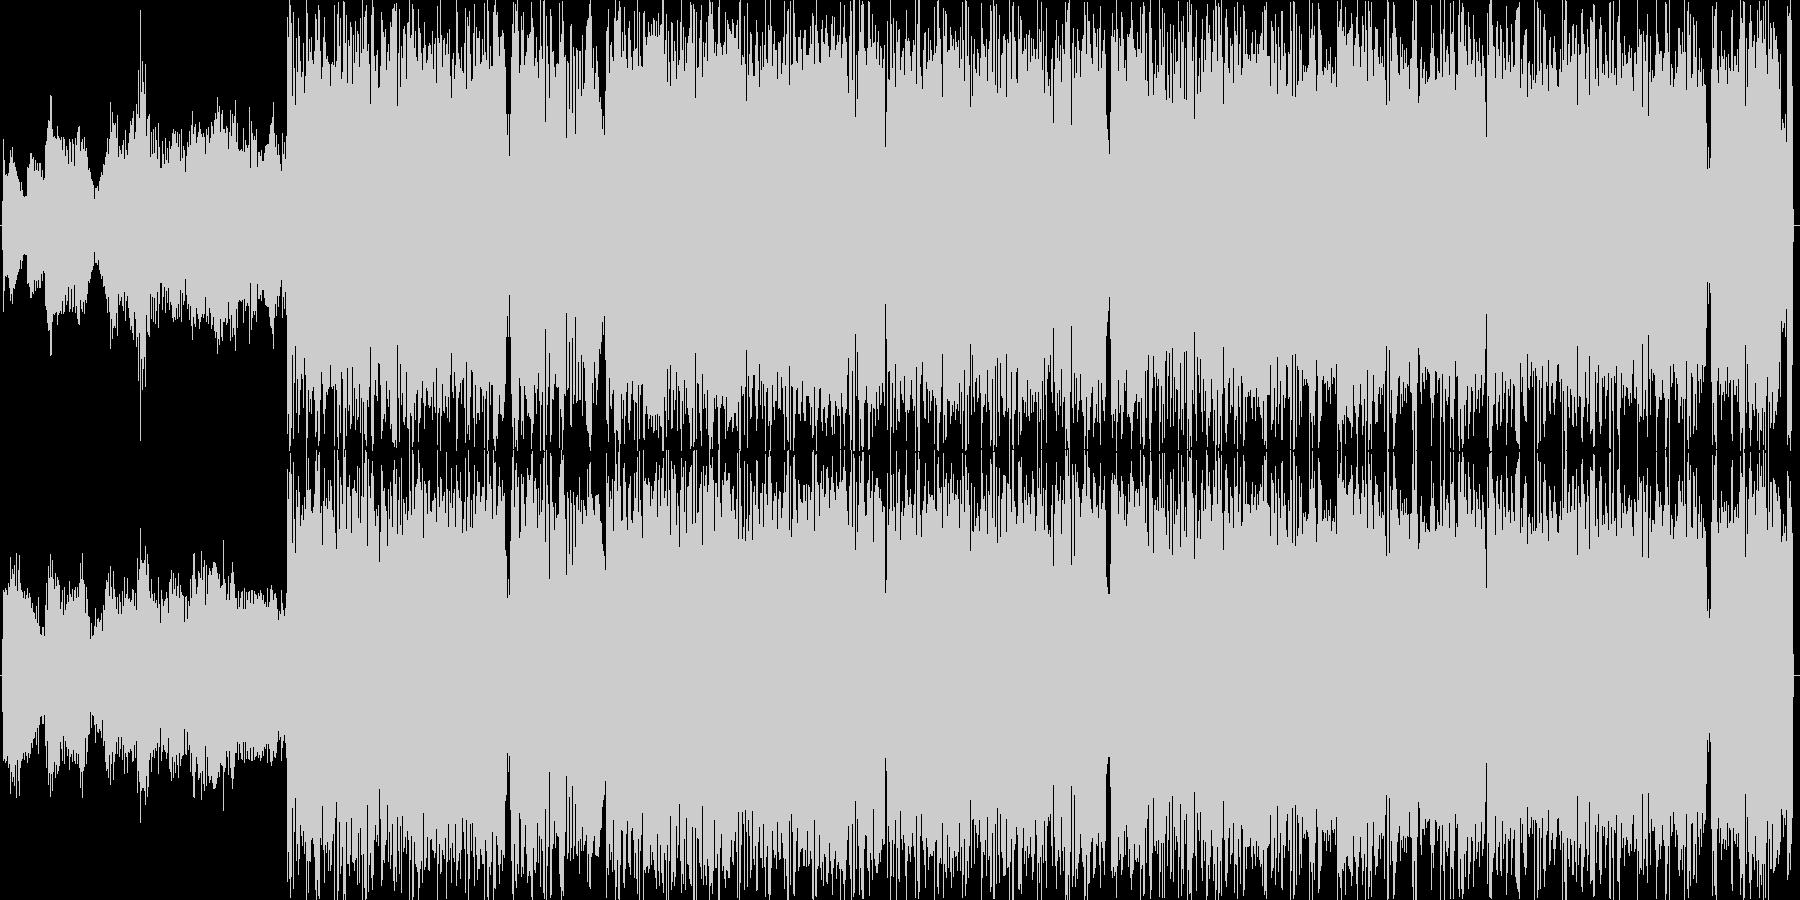 細かく動くドラムンベースの未再生の波形